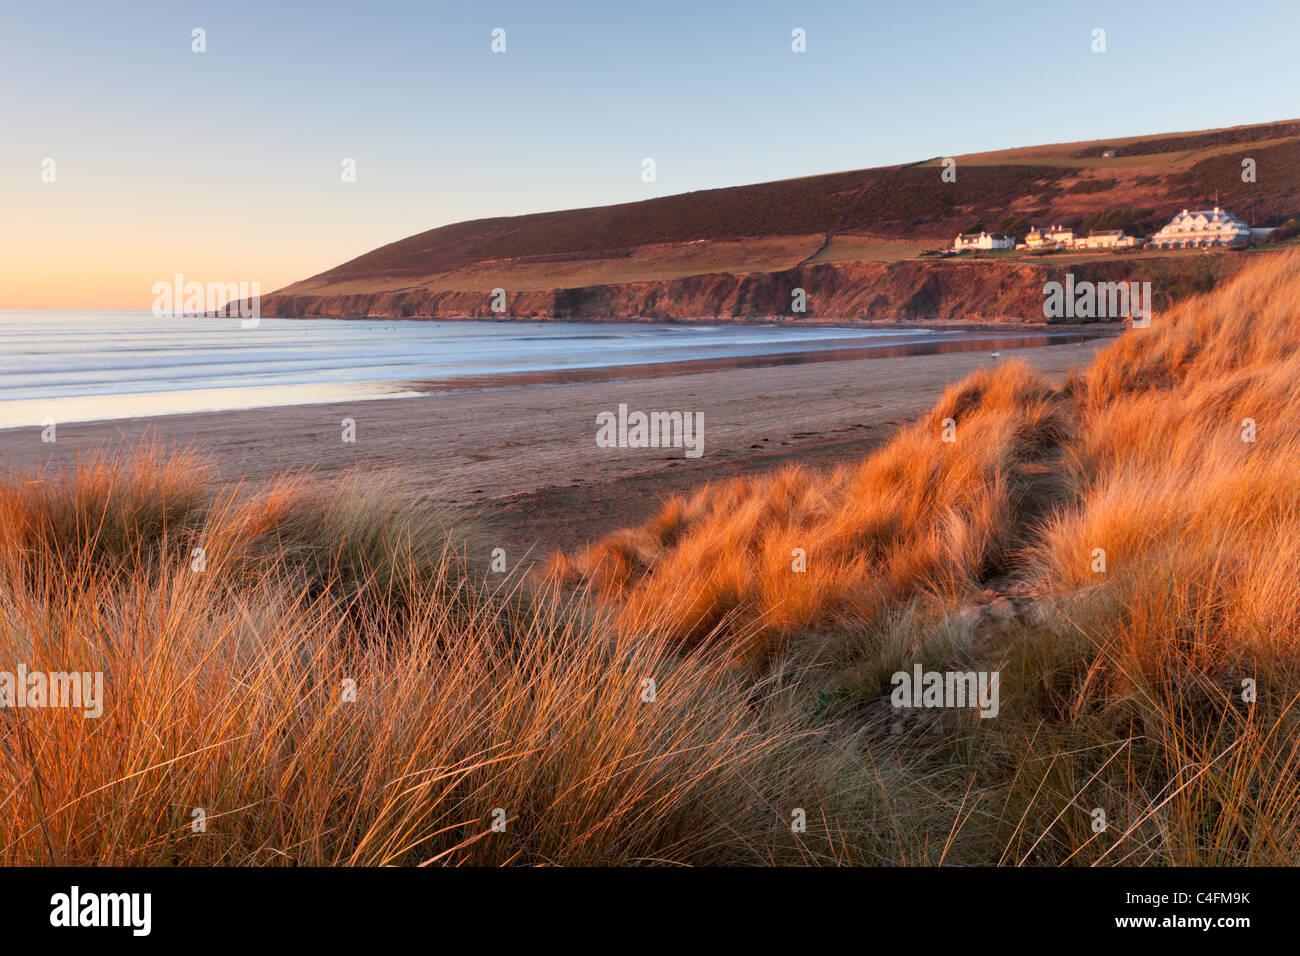 Saunton Sands et Saunton en baisse par les dunes de sable de Braunton Burrows, Devon, Angleterre. L'hiver (Janvier) 2011. Banque D'Images